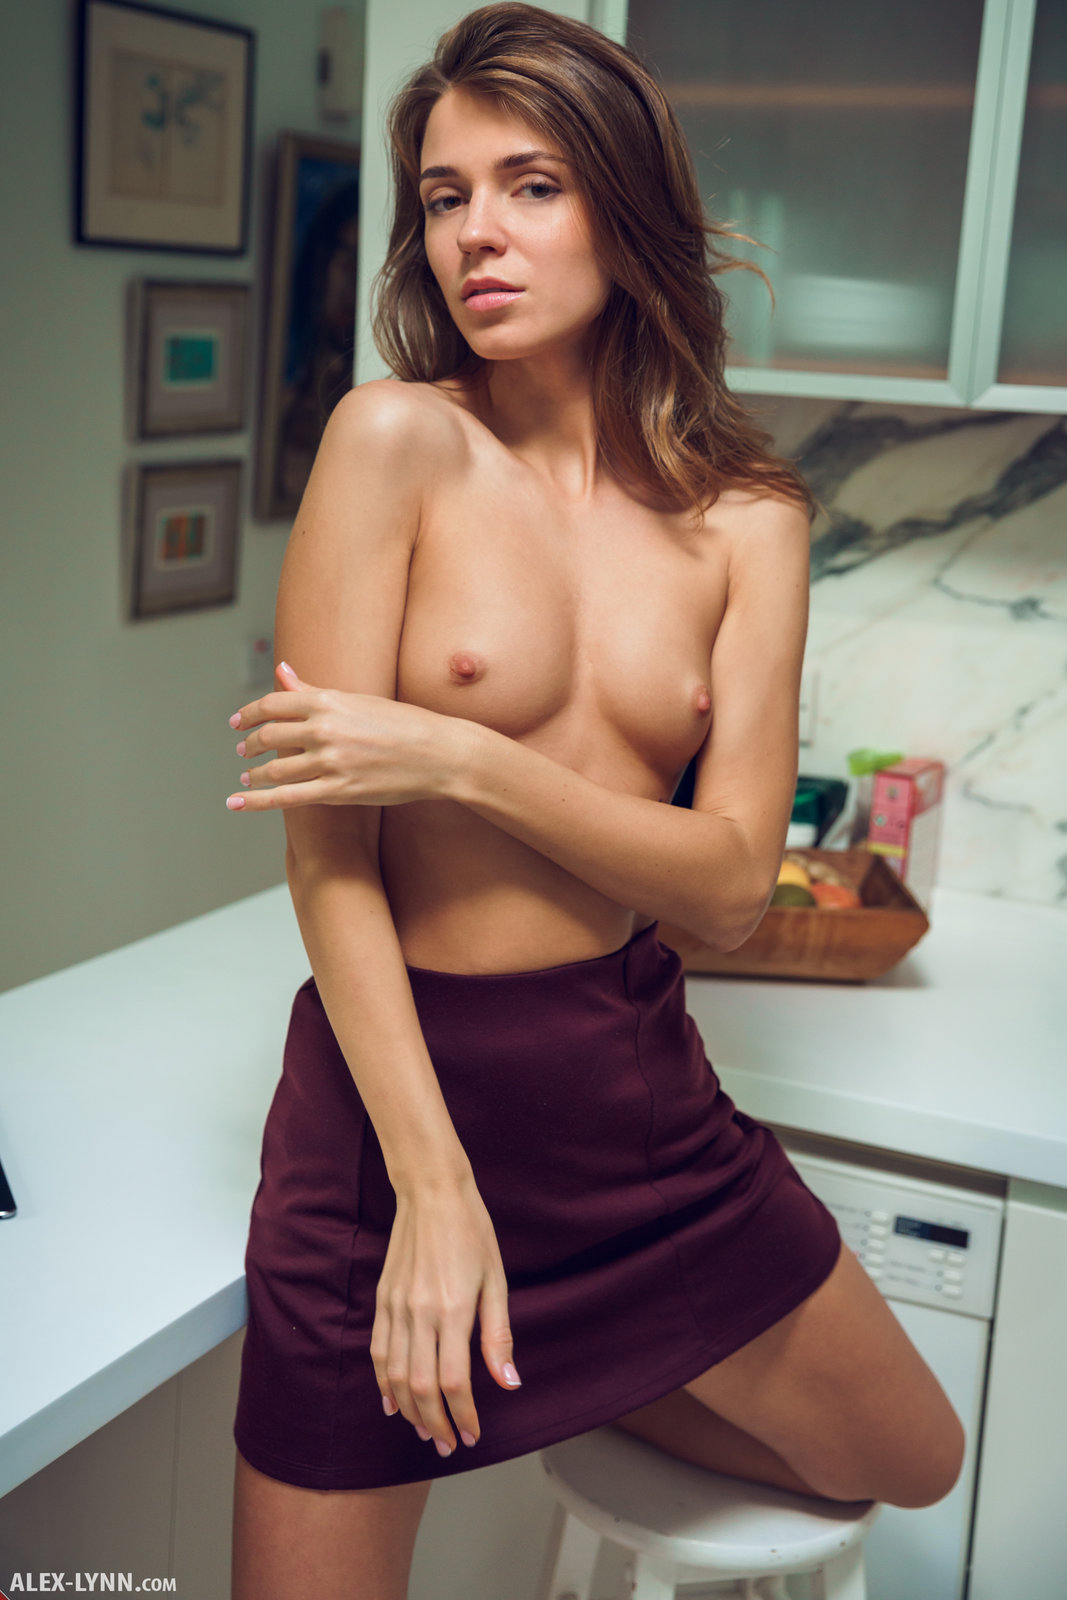 mary kalisy porn